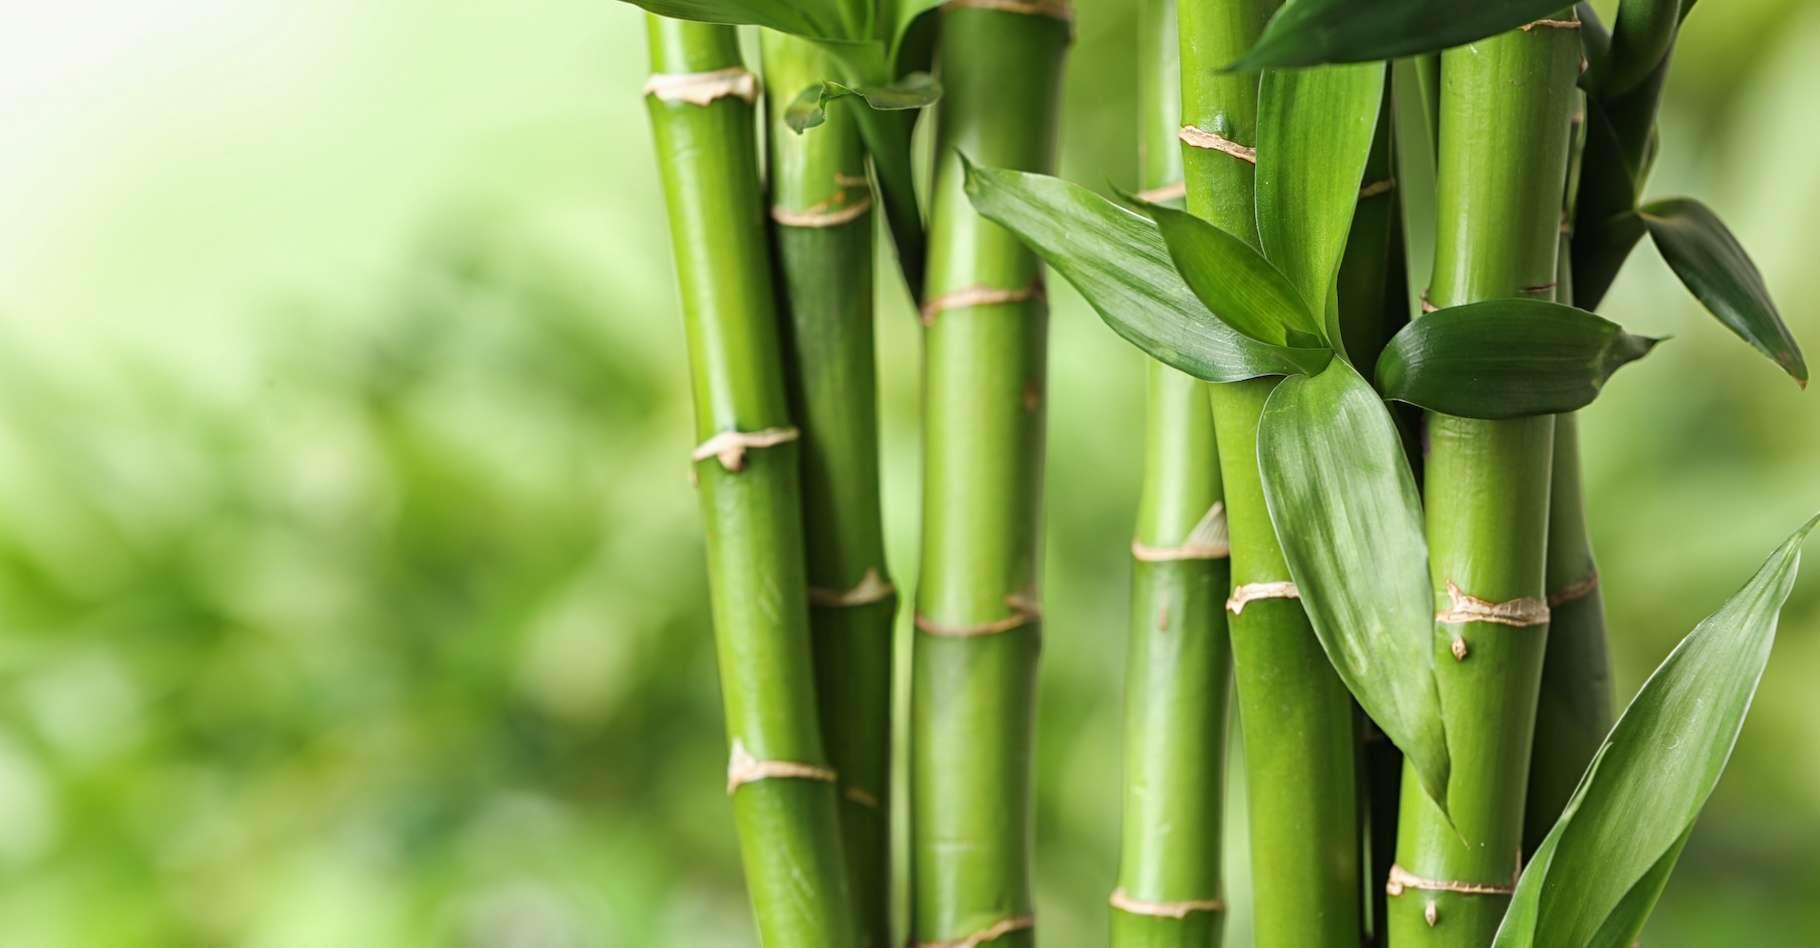 Bambou Quand La Nature Nous Apprend à Construire Des Bâtiments écologiques